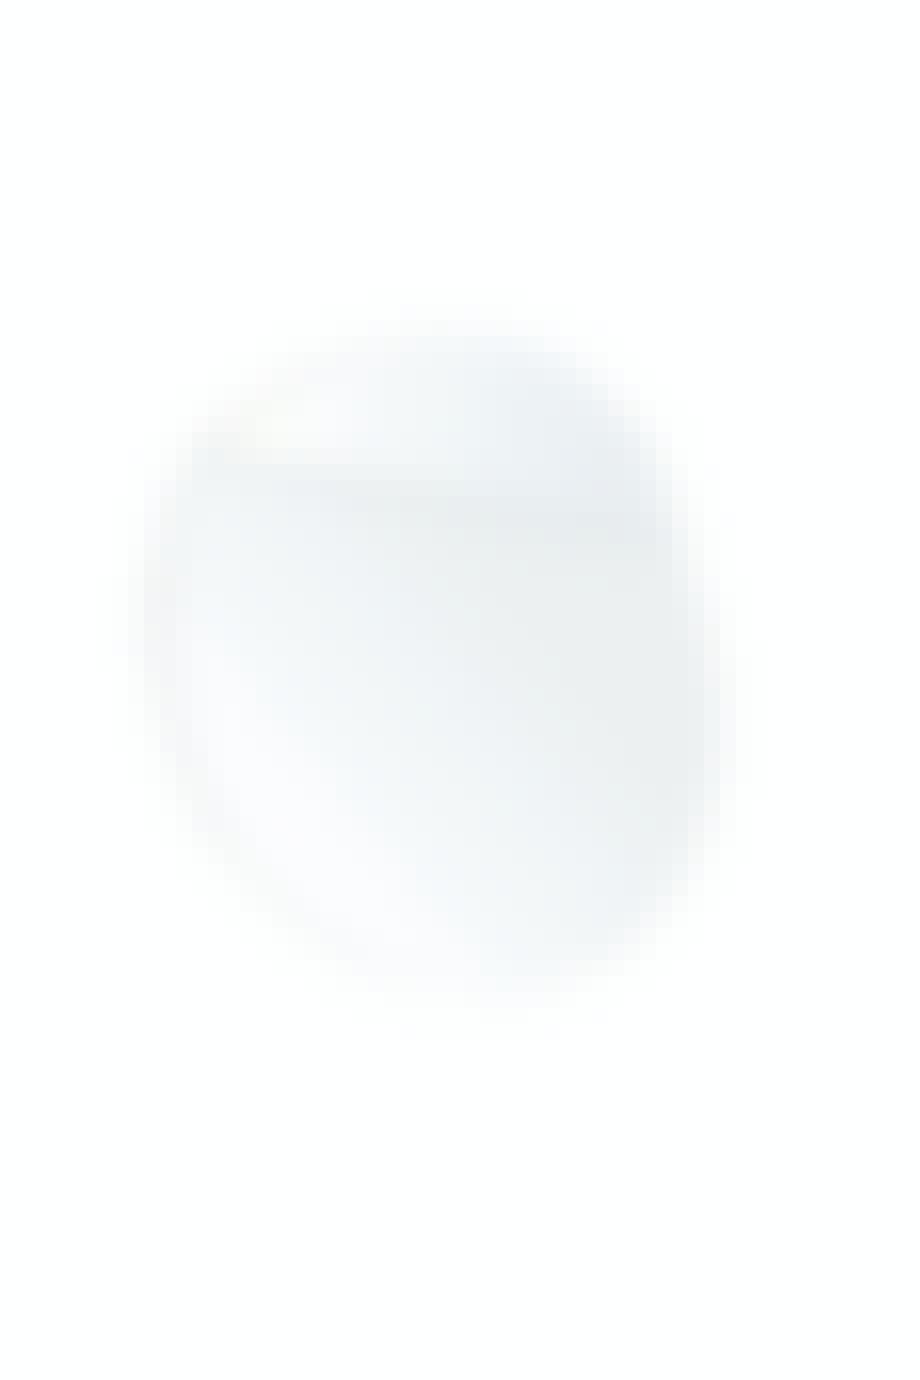 Seo-spejl